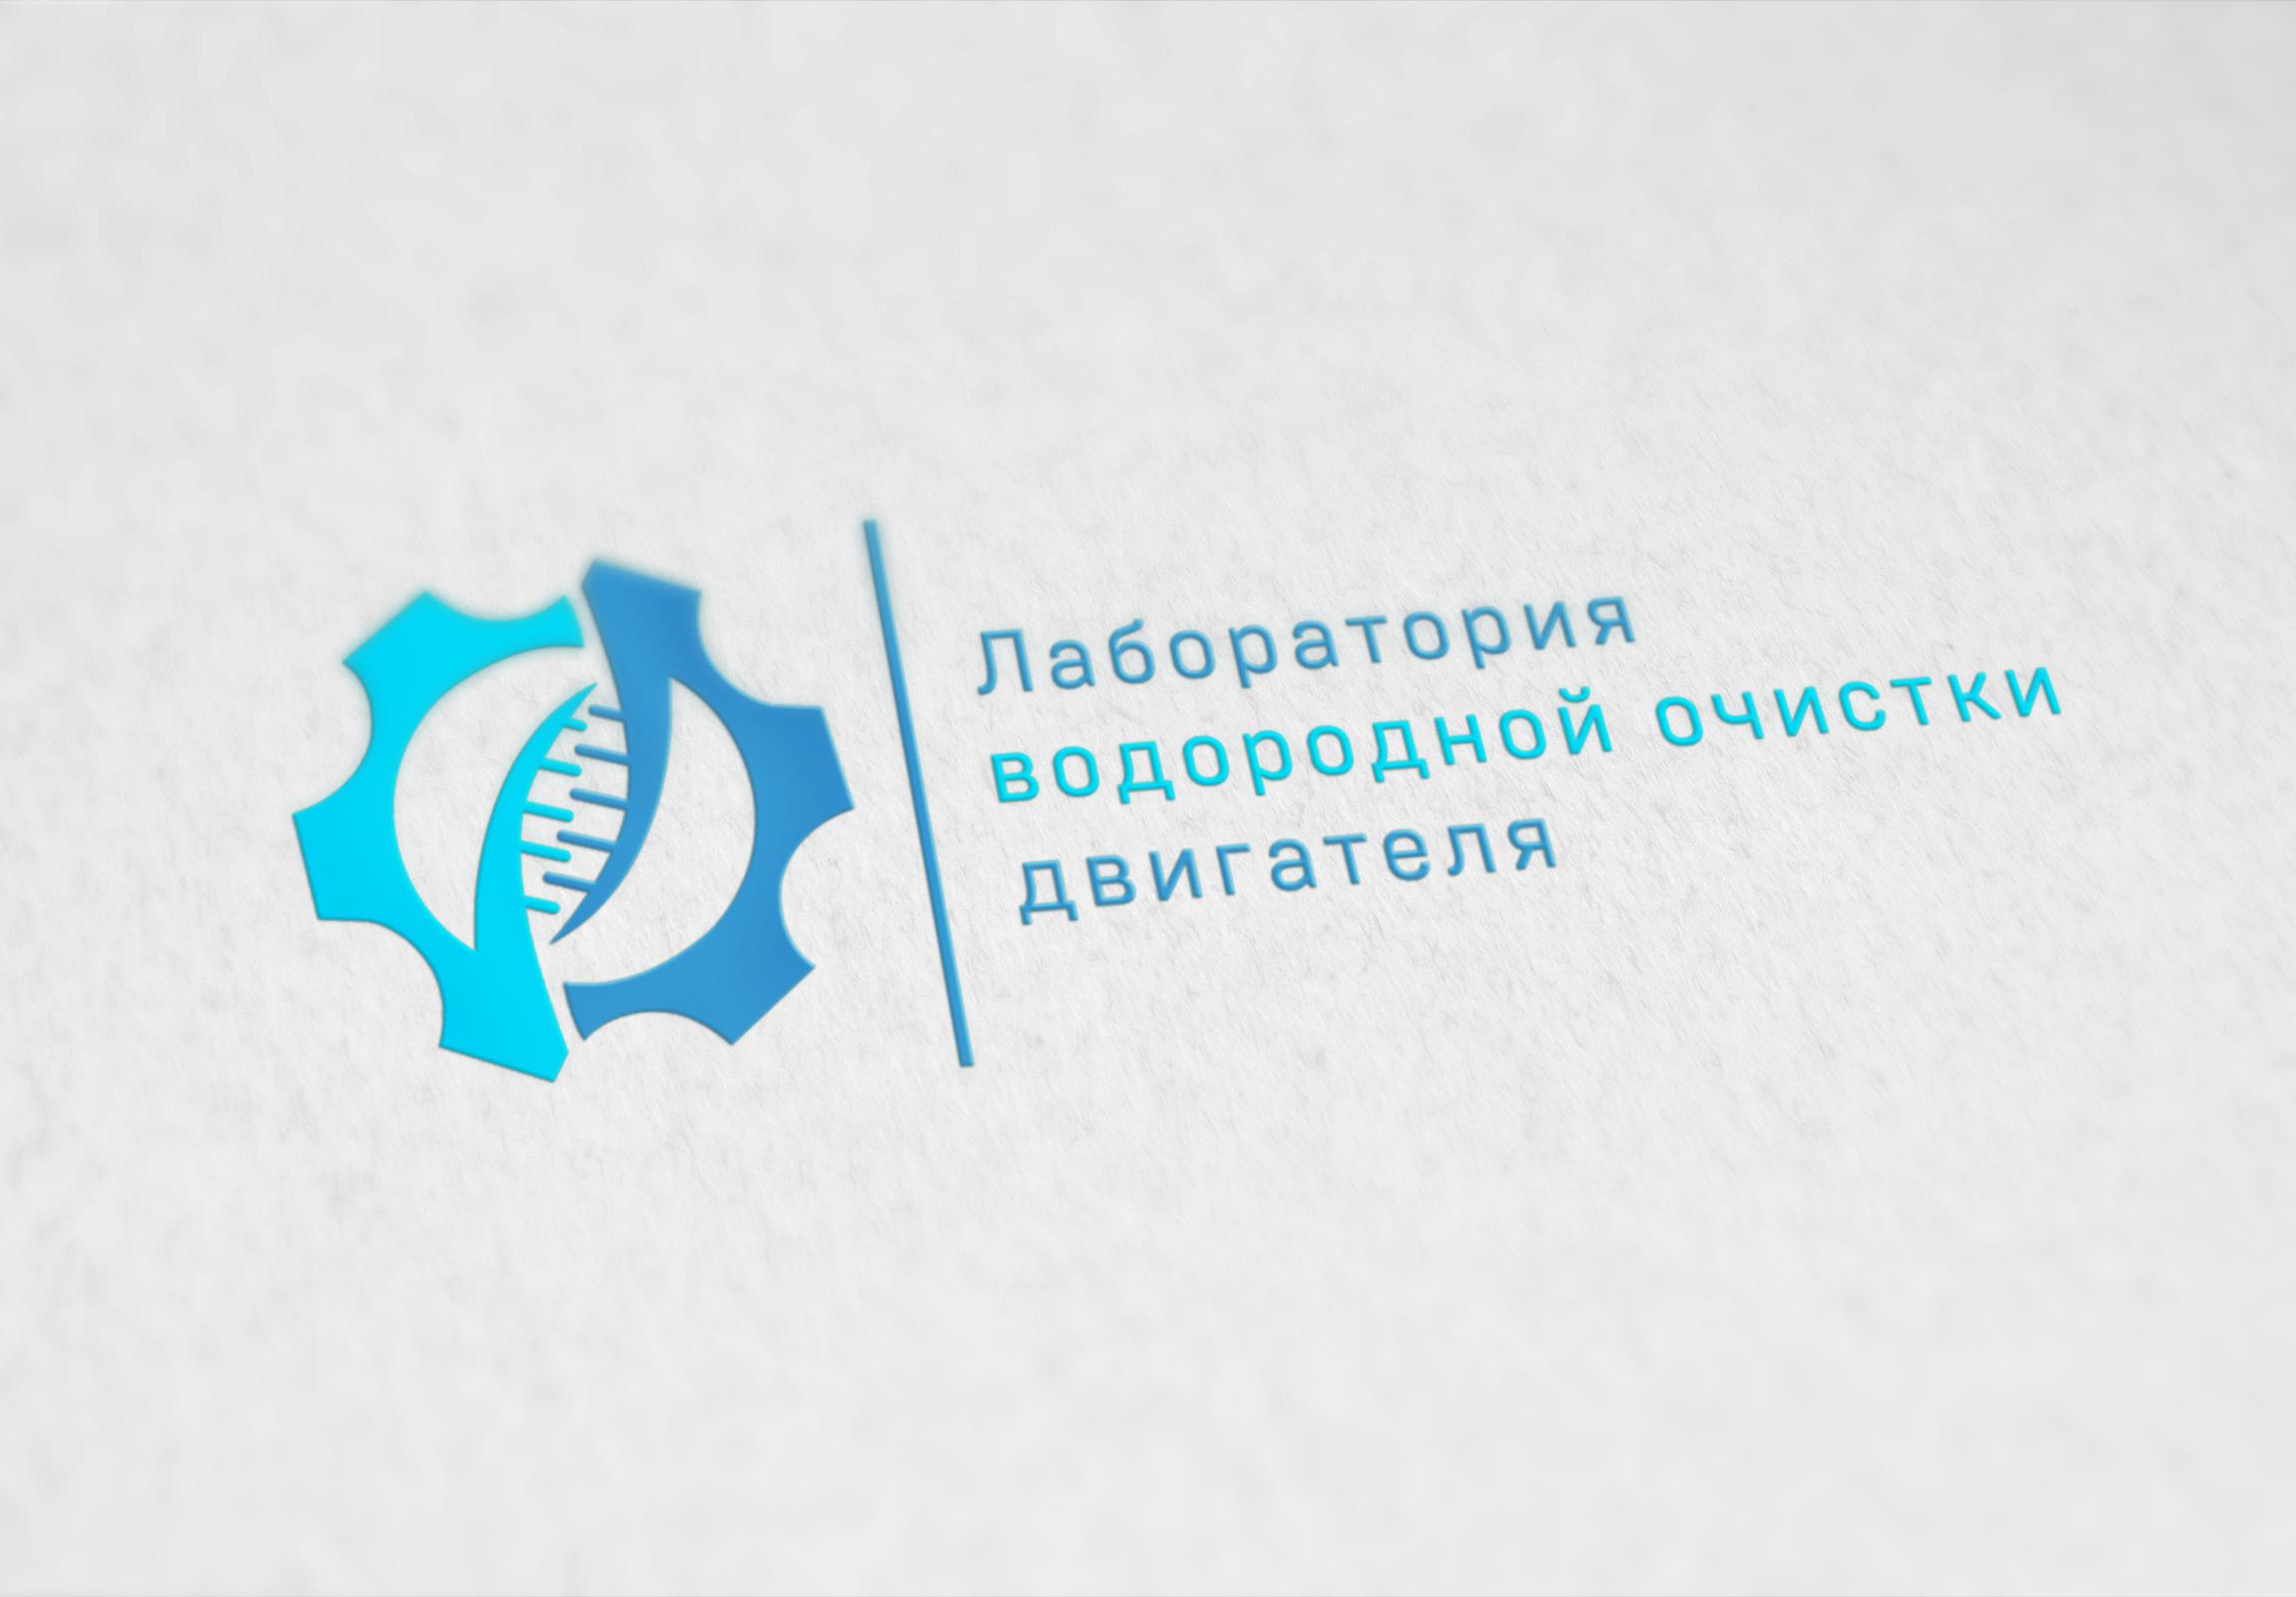 """Разработка фирменного стиля для """"Лаборатории водородной очис фото f_8005dcc07e1d0b4d.jpg"""